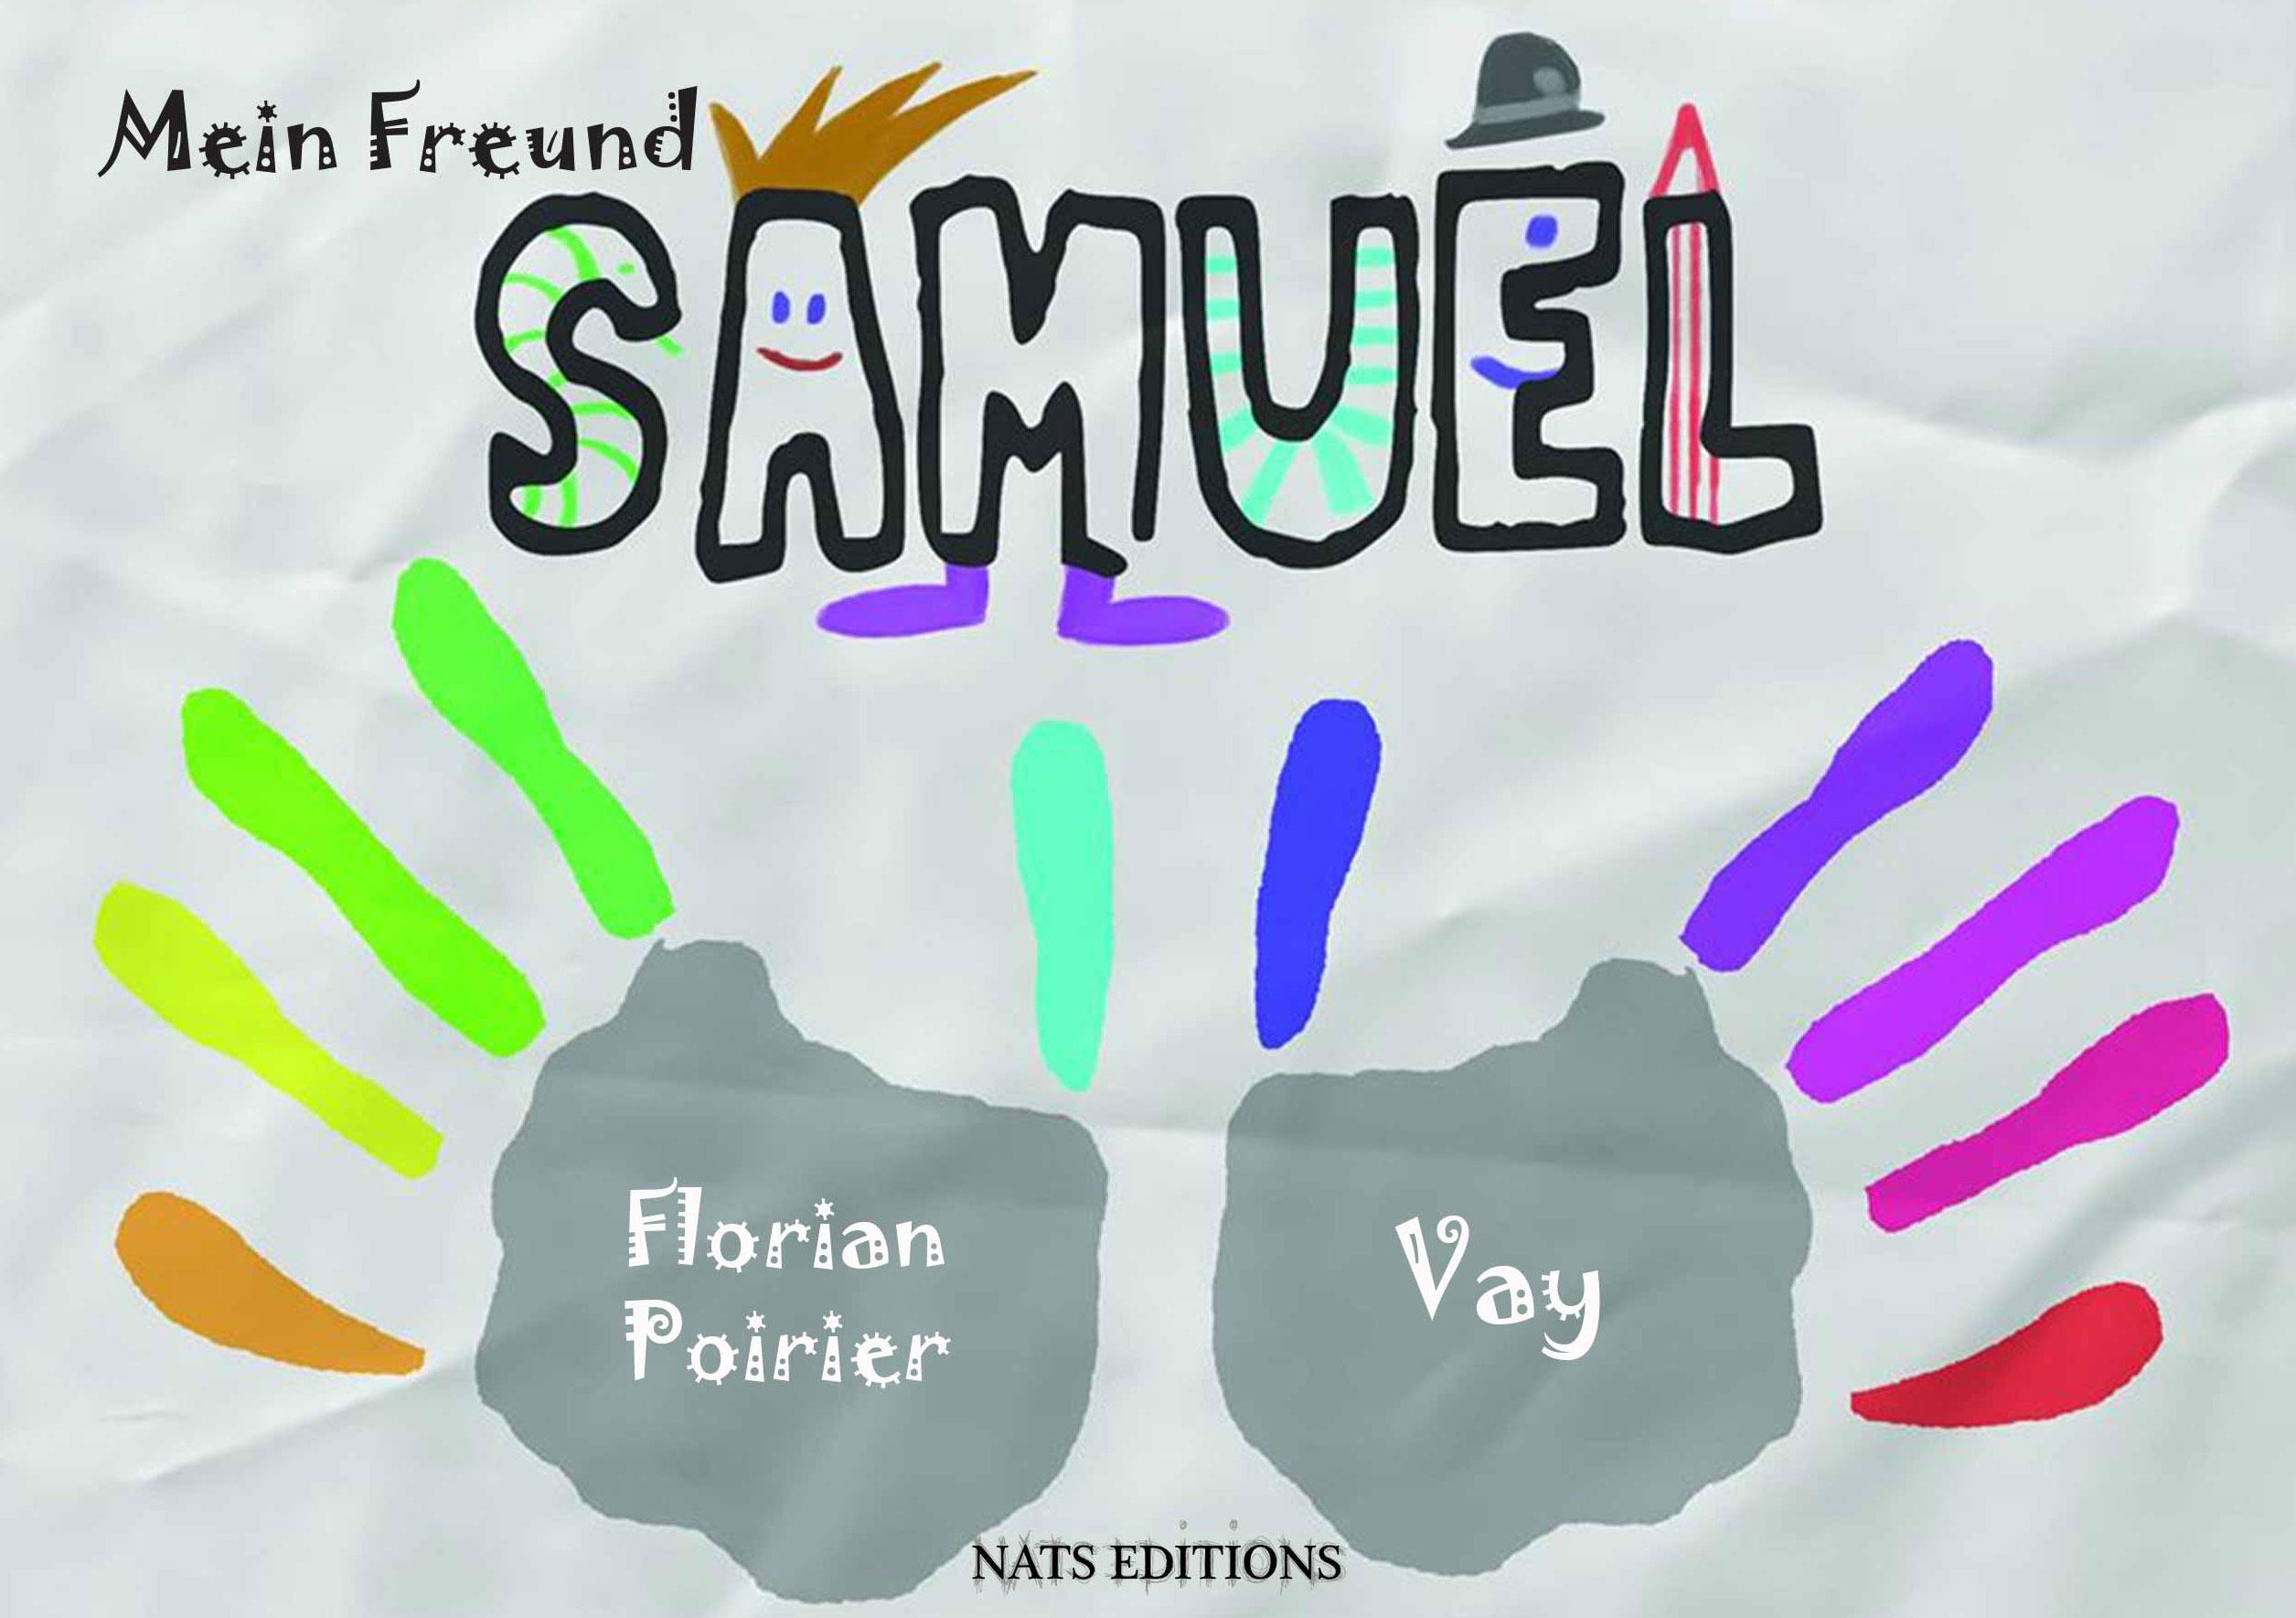 Mein-Freund-Samuel-Cover-Web